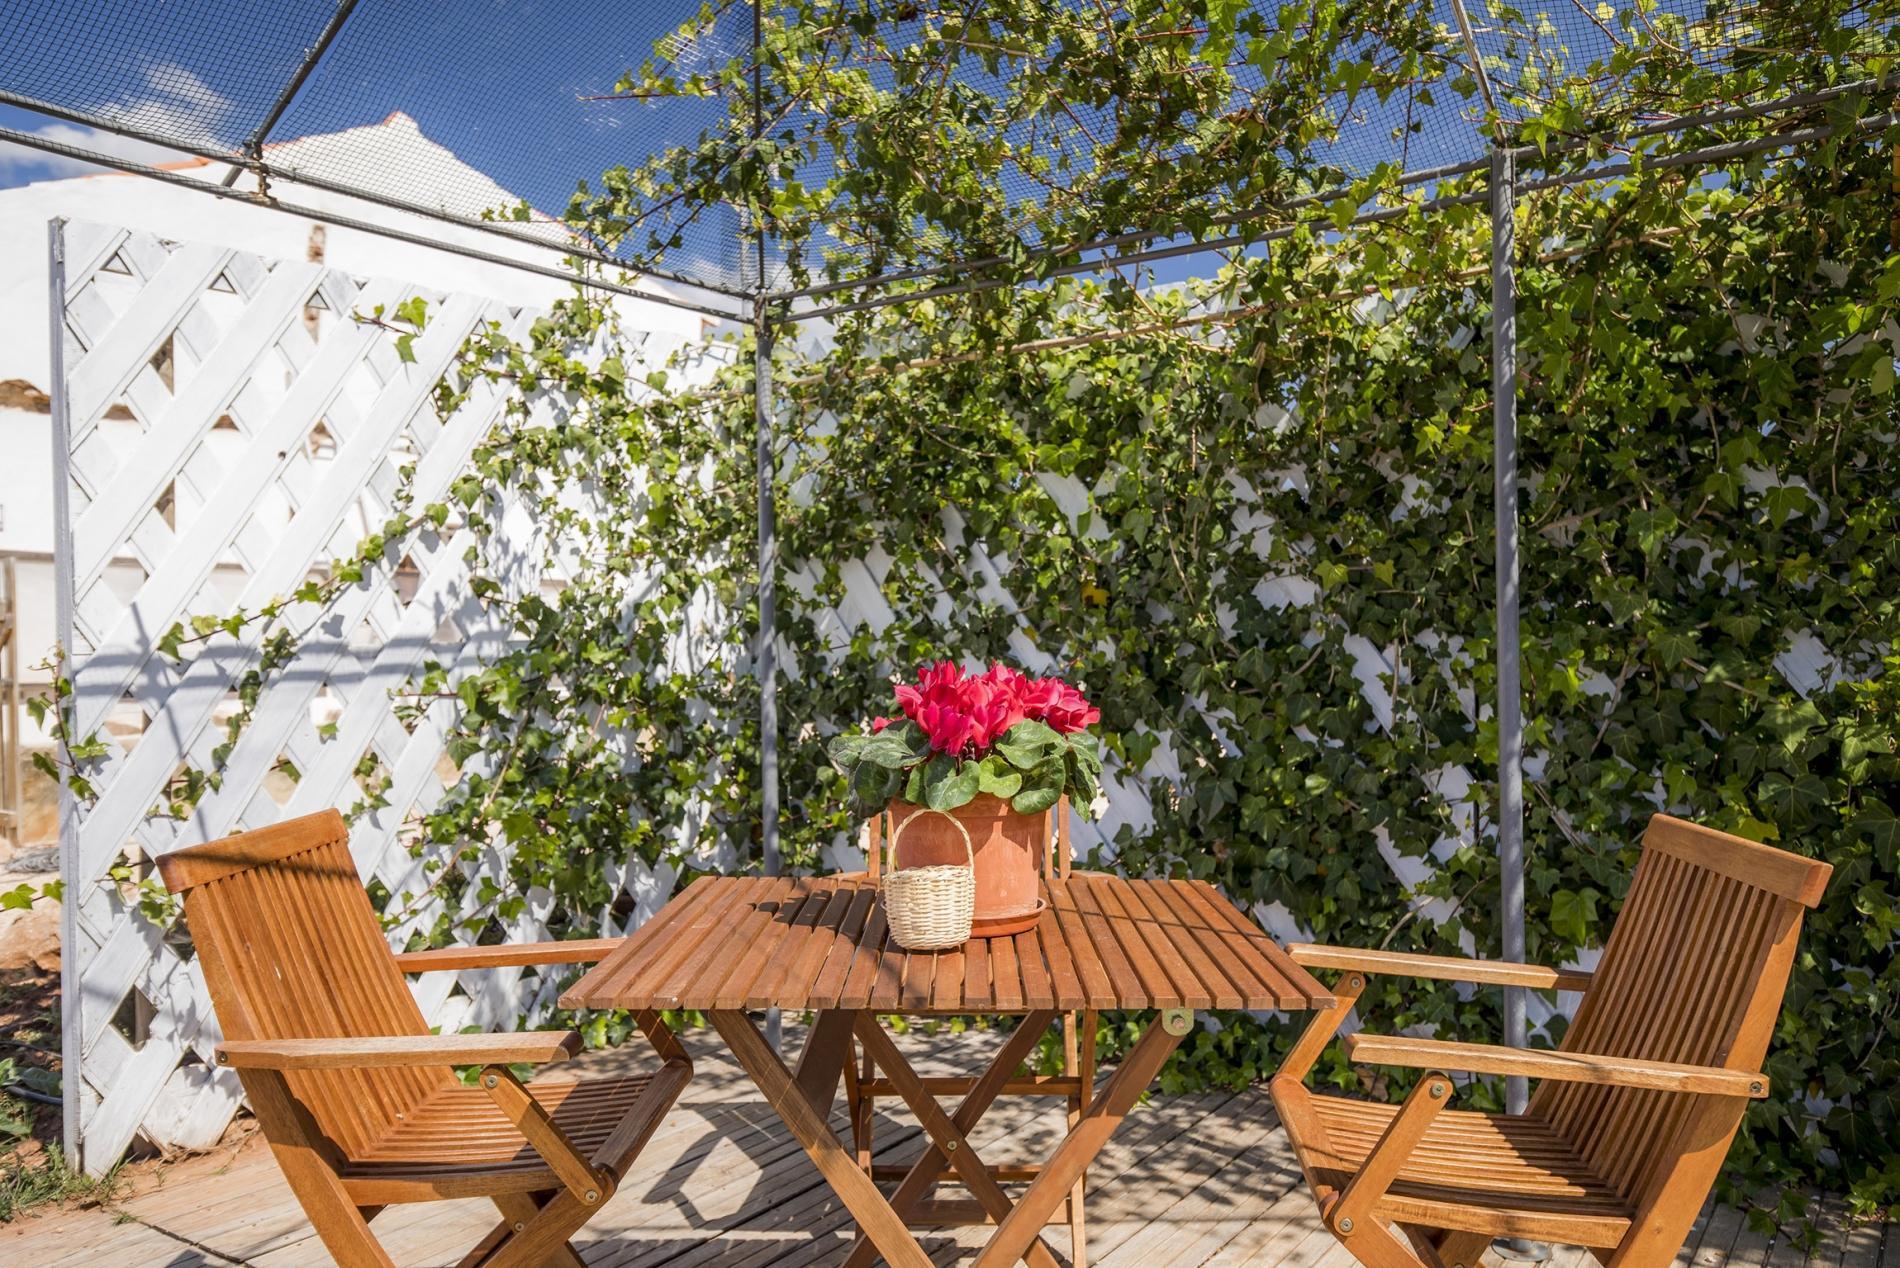 Apartment F - Casa Vacaria in Quinta das Alagoas photo 22521451